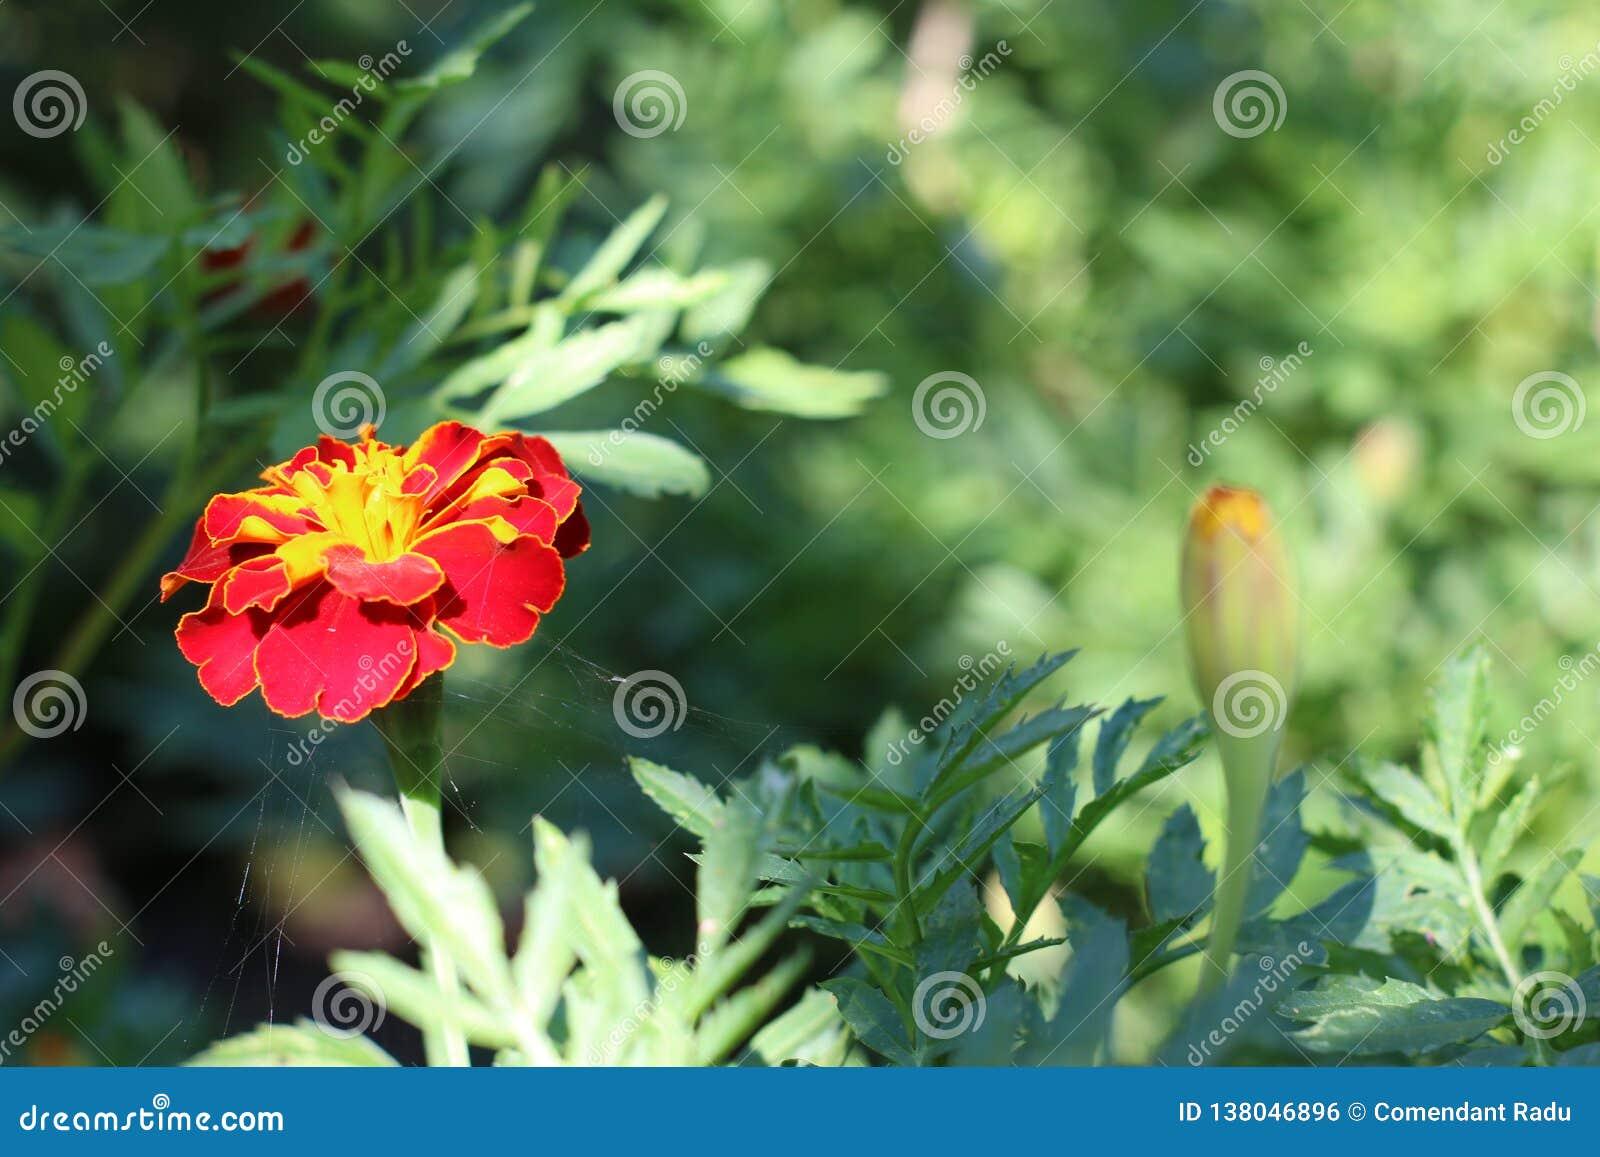 一朵美丽的花在阳光下